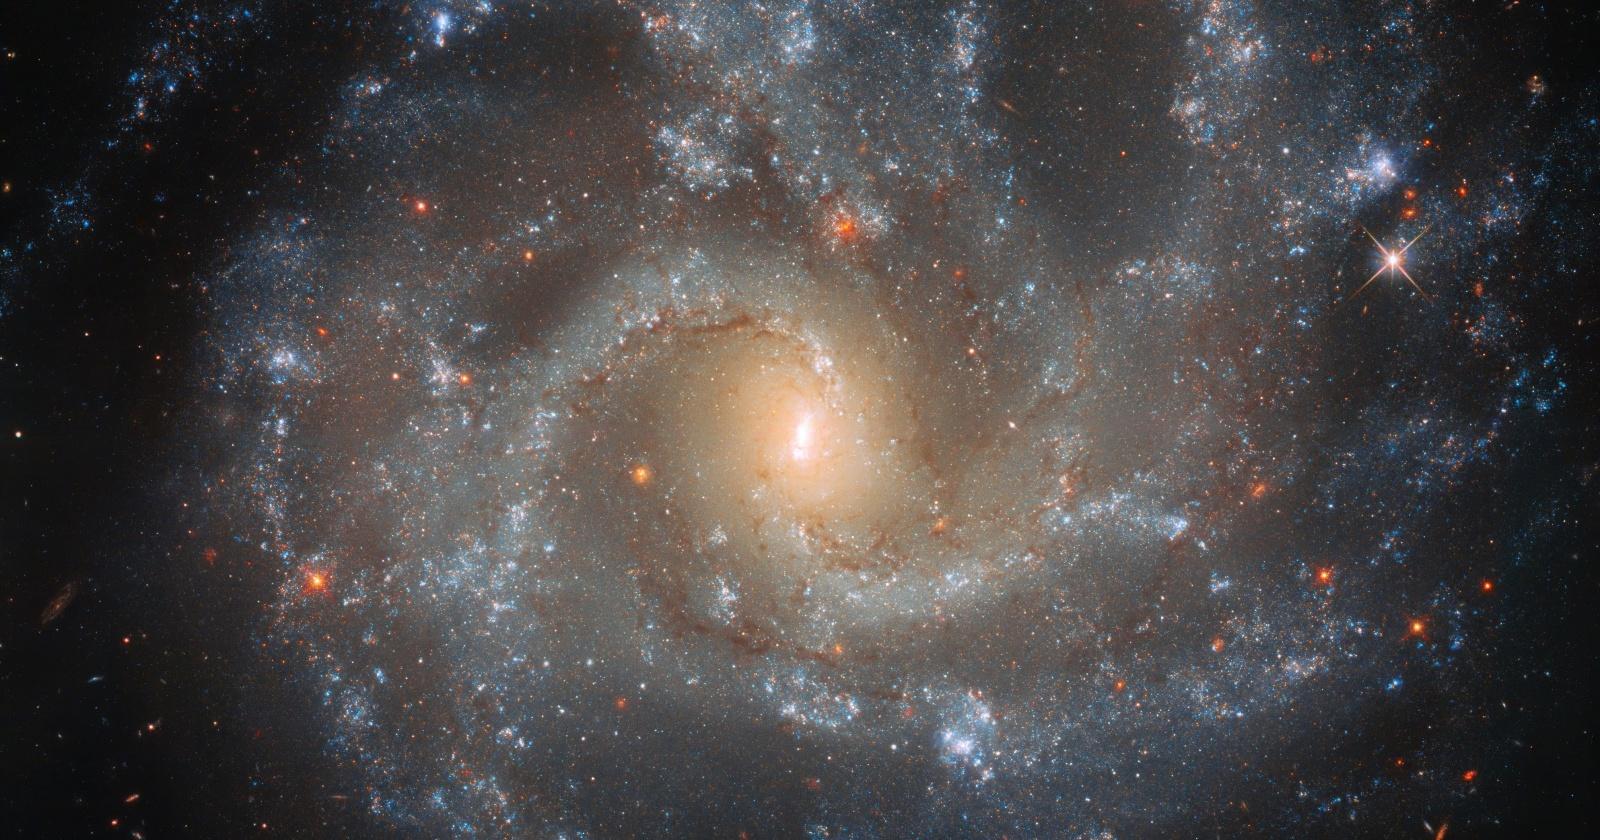 «Хаббл» получил потрясающий снимок галактики в более чем 130 млн световых годах